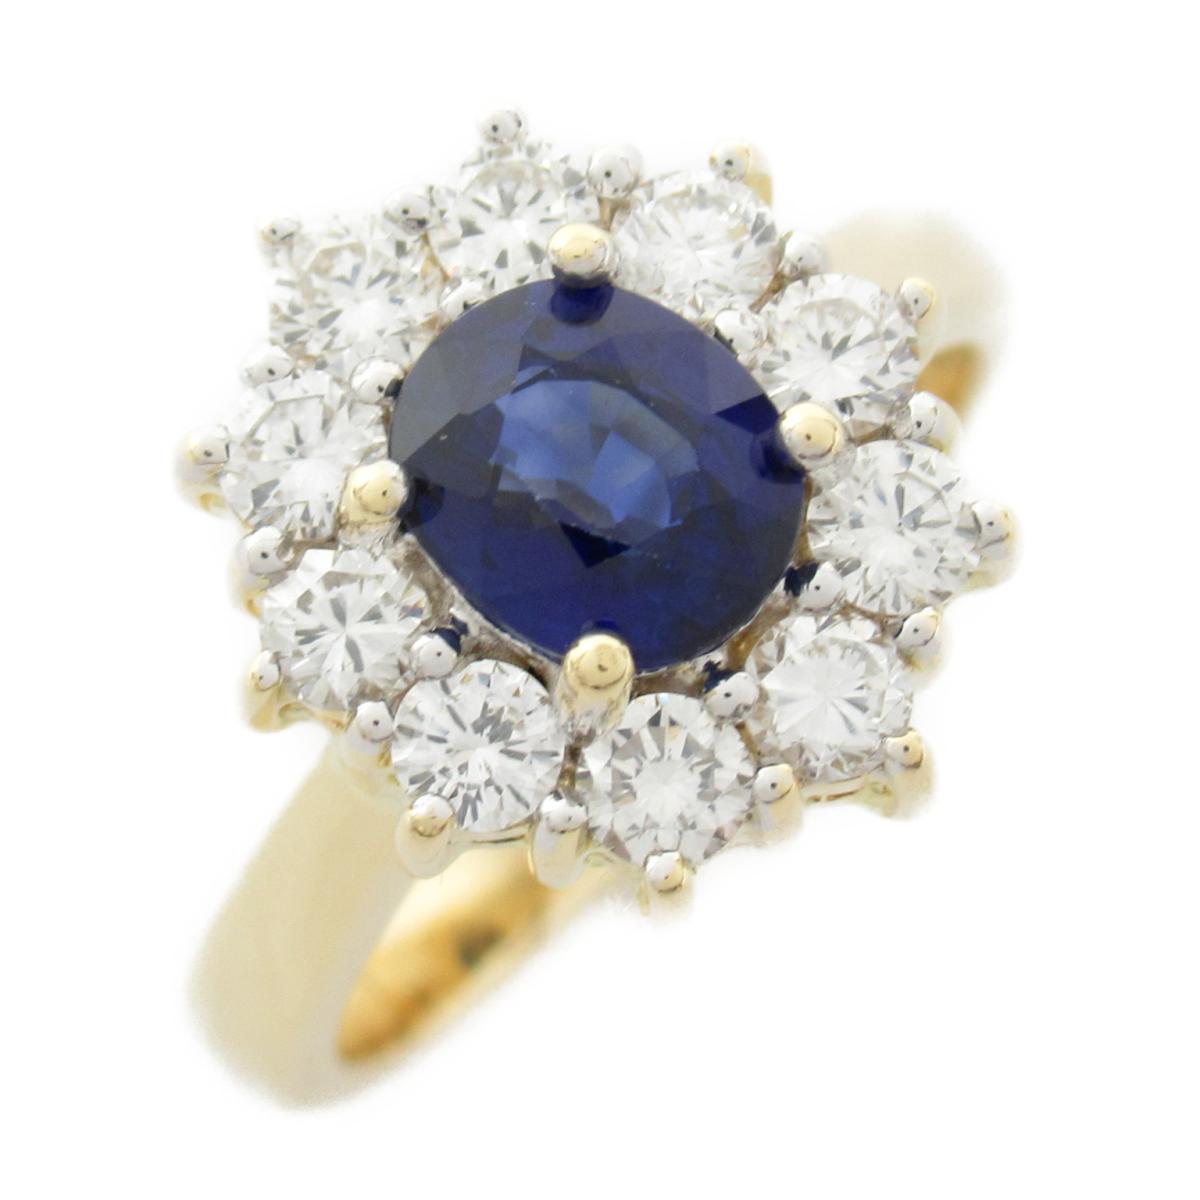 【中古】ジュエリー サファイア ダイヤモンド リング 指輪 ノーブランドジュエリー ユニセックス 18kイエローゴールド x サファイア x ダイヤモンド